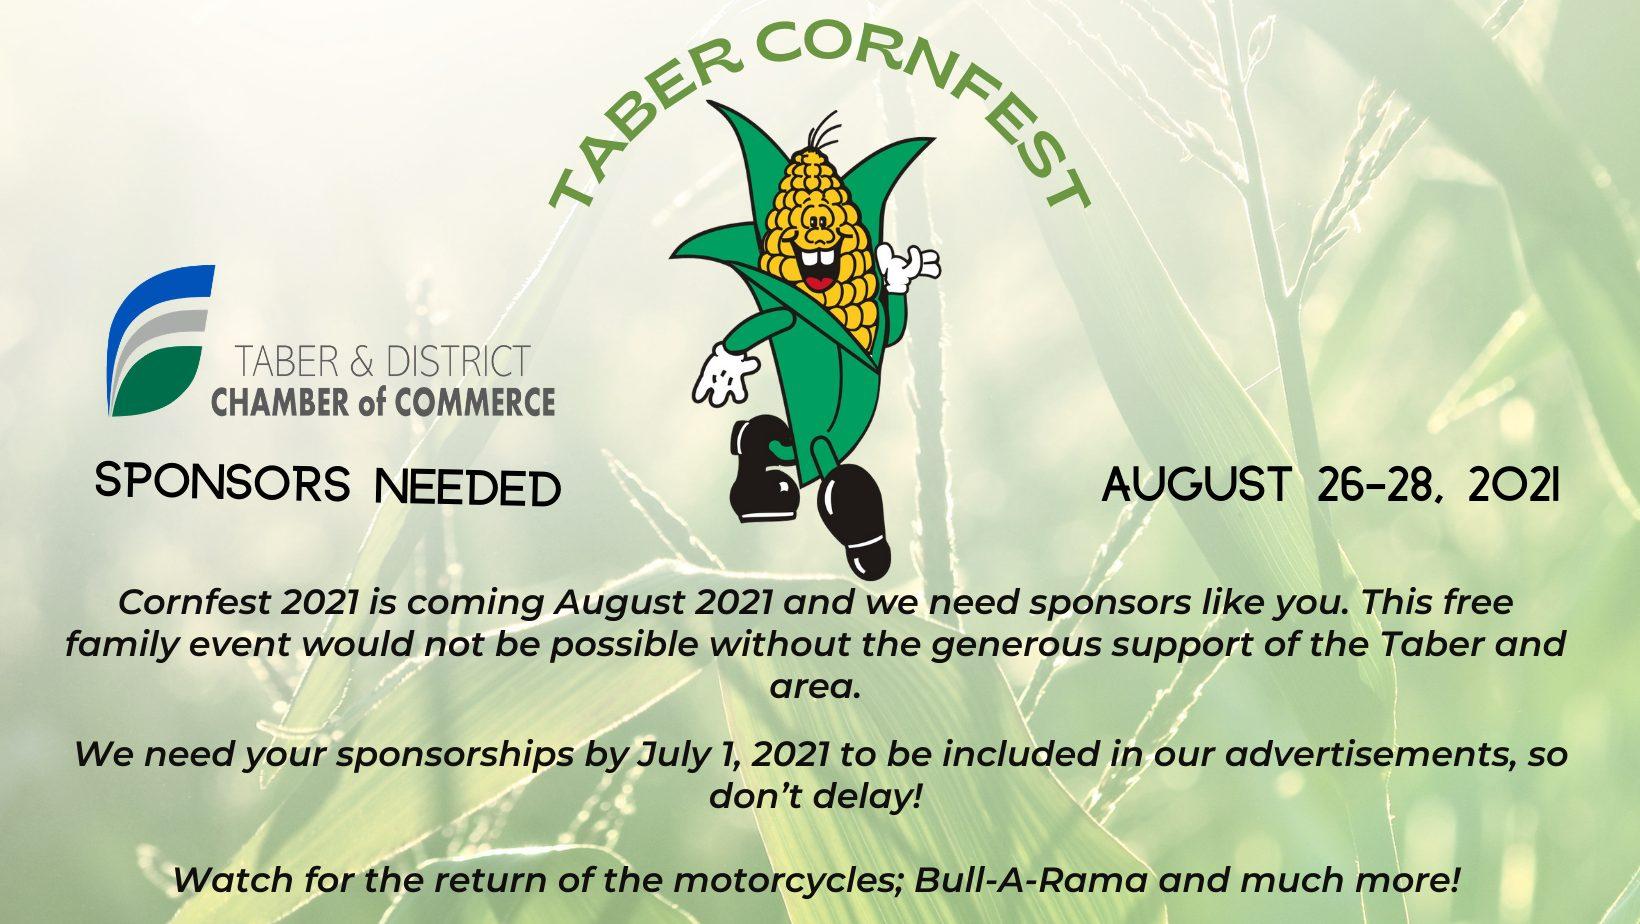 Copy of Cornfest sponsors needed 2021